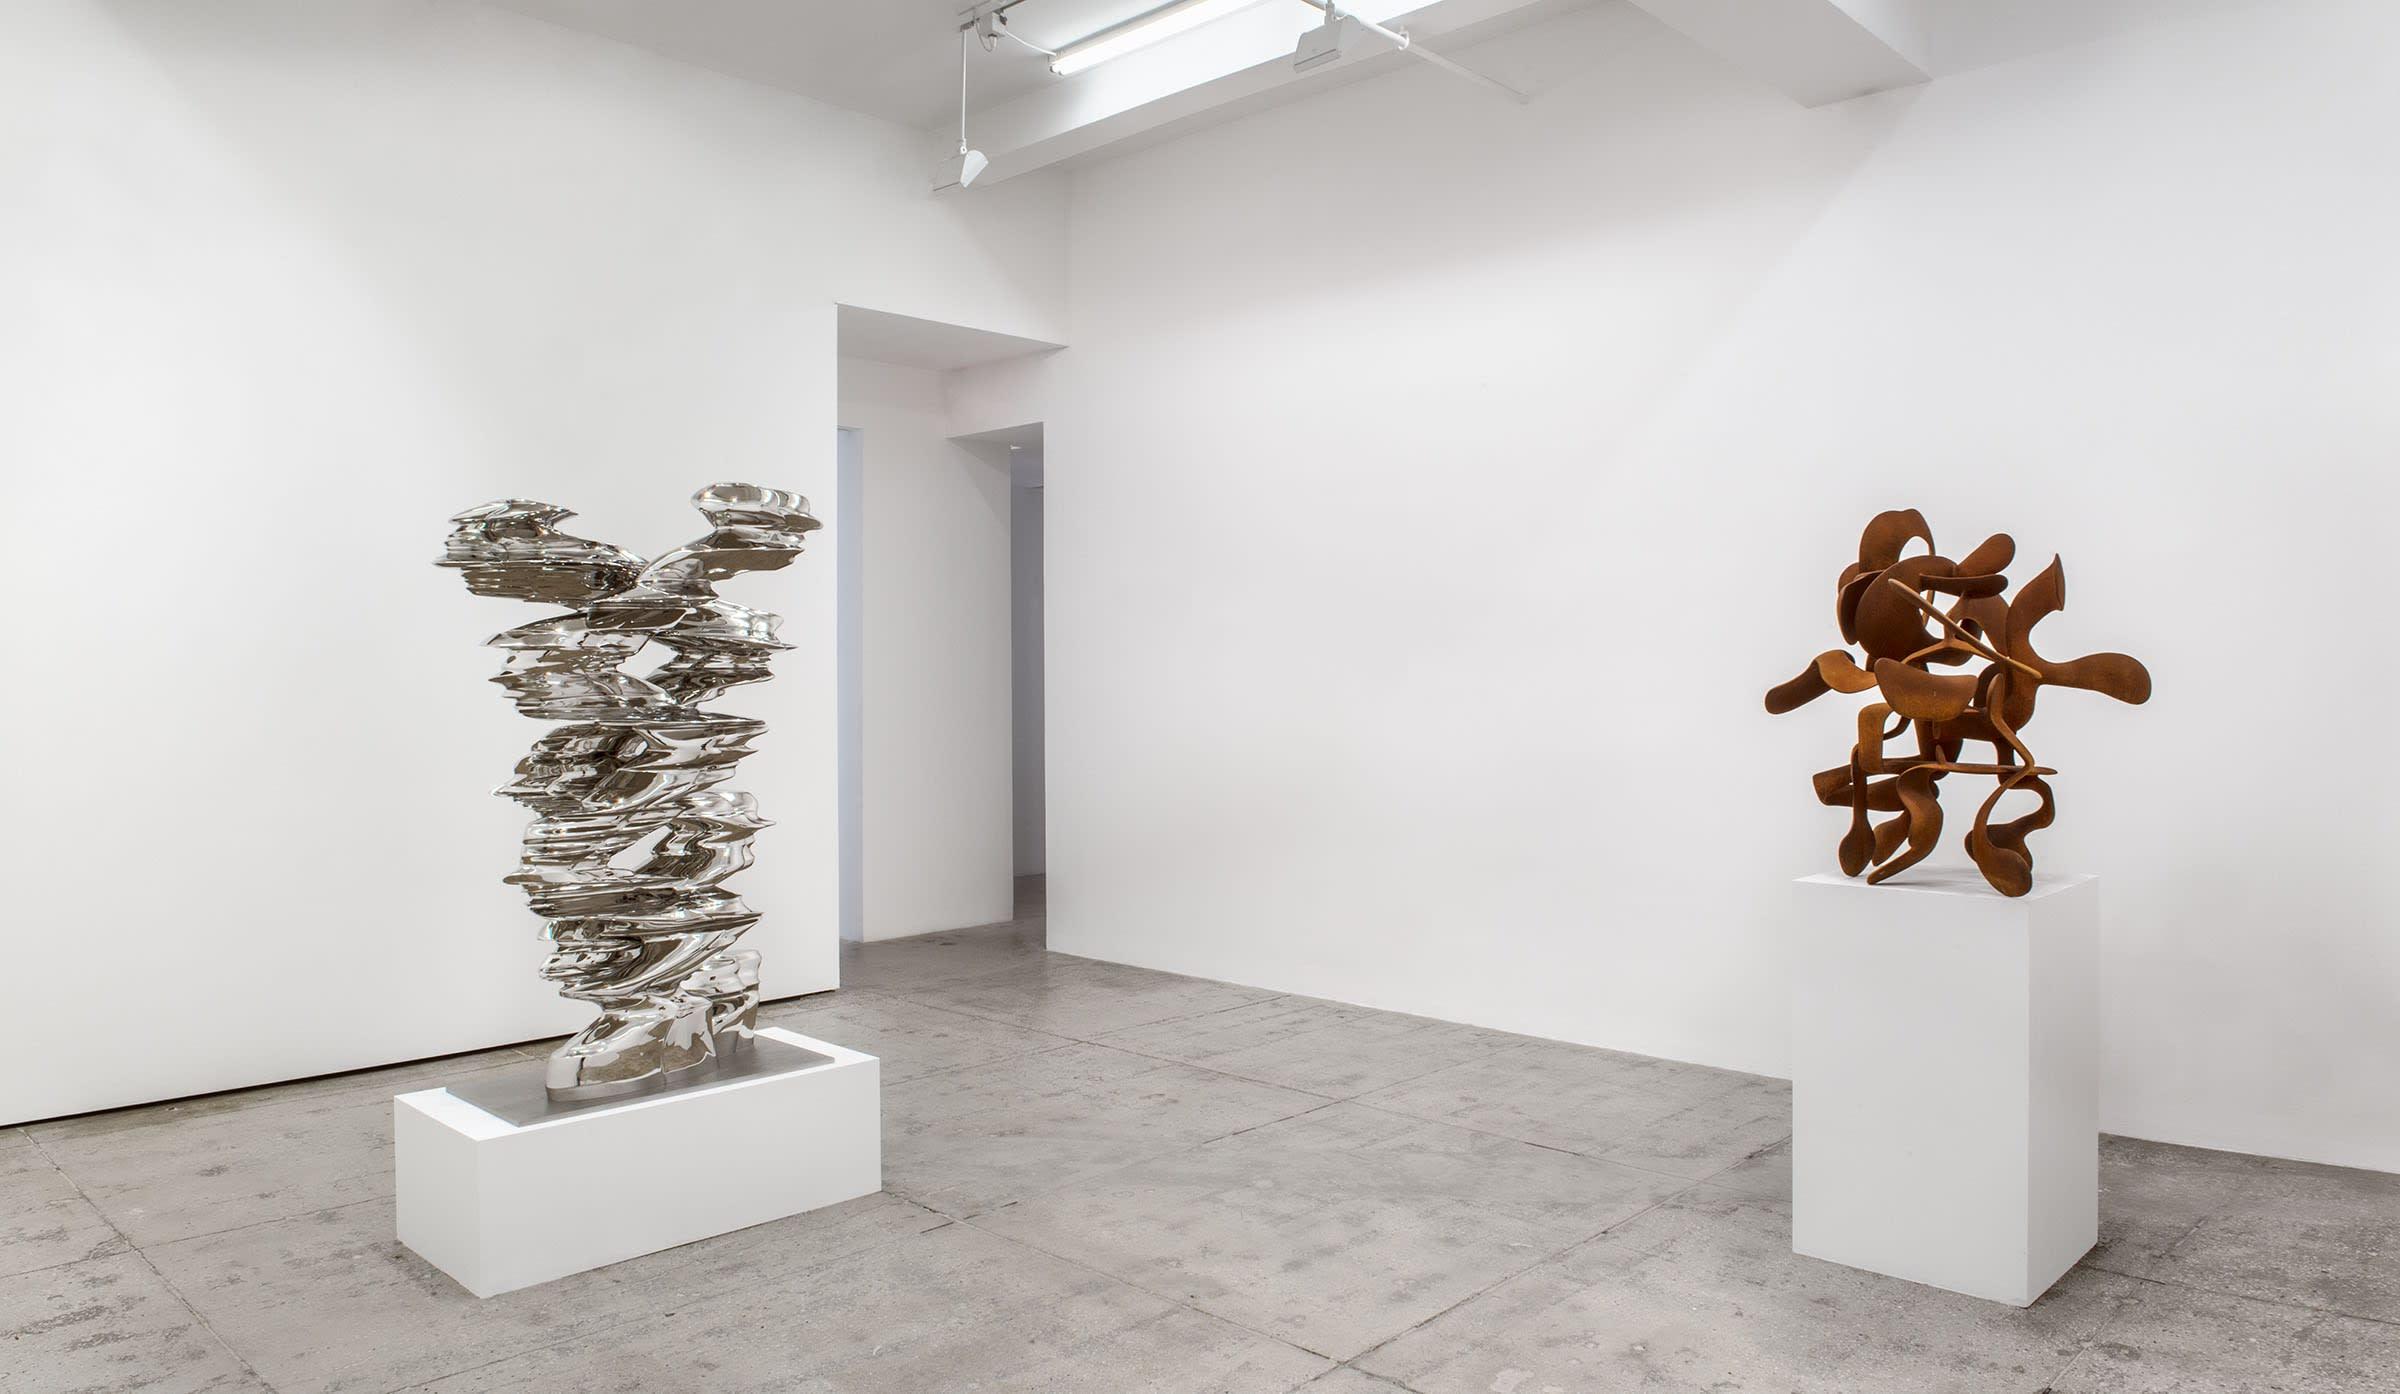 Tony Cragg Recent Sculptures